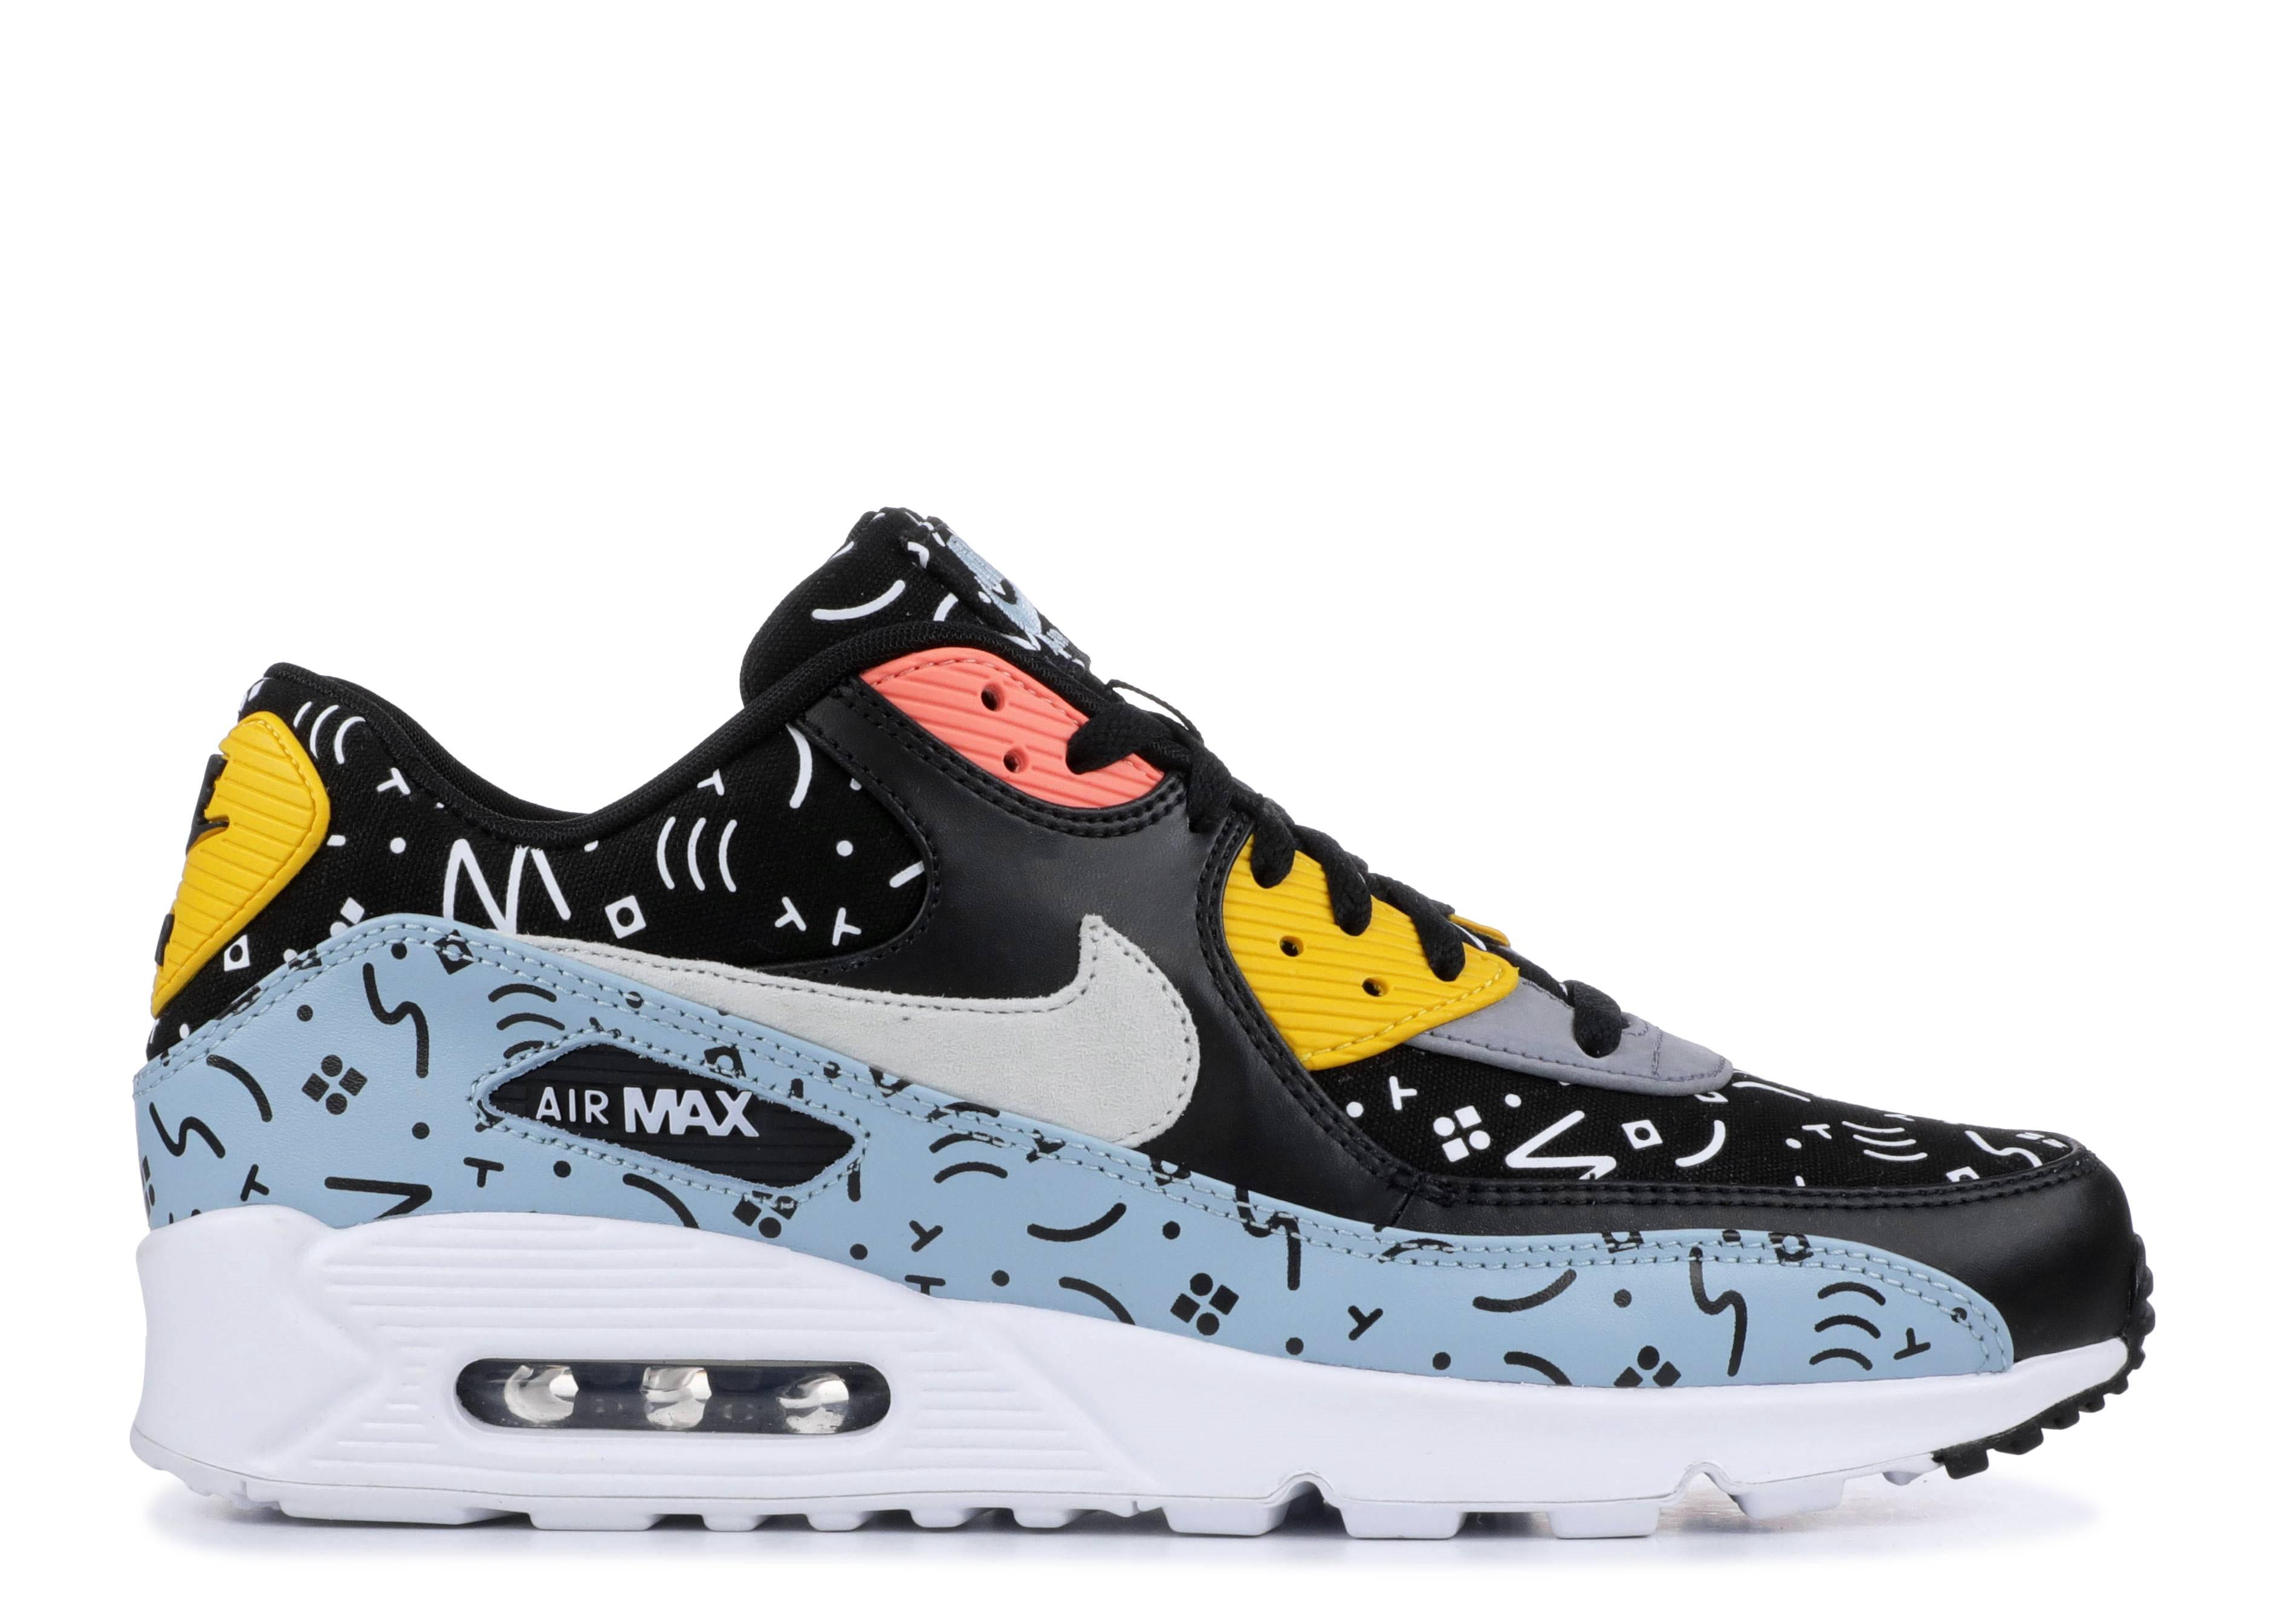 Men's Nike Air Max 90 Premium Random Scribbles Ocean Bliss